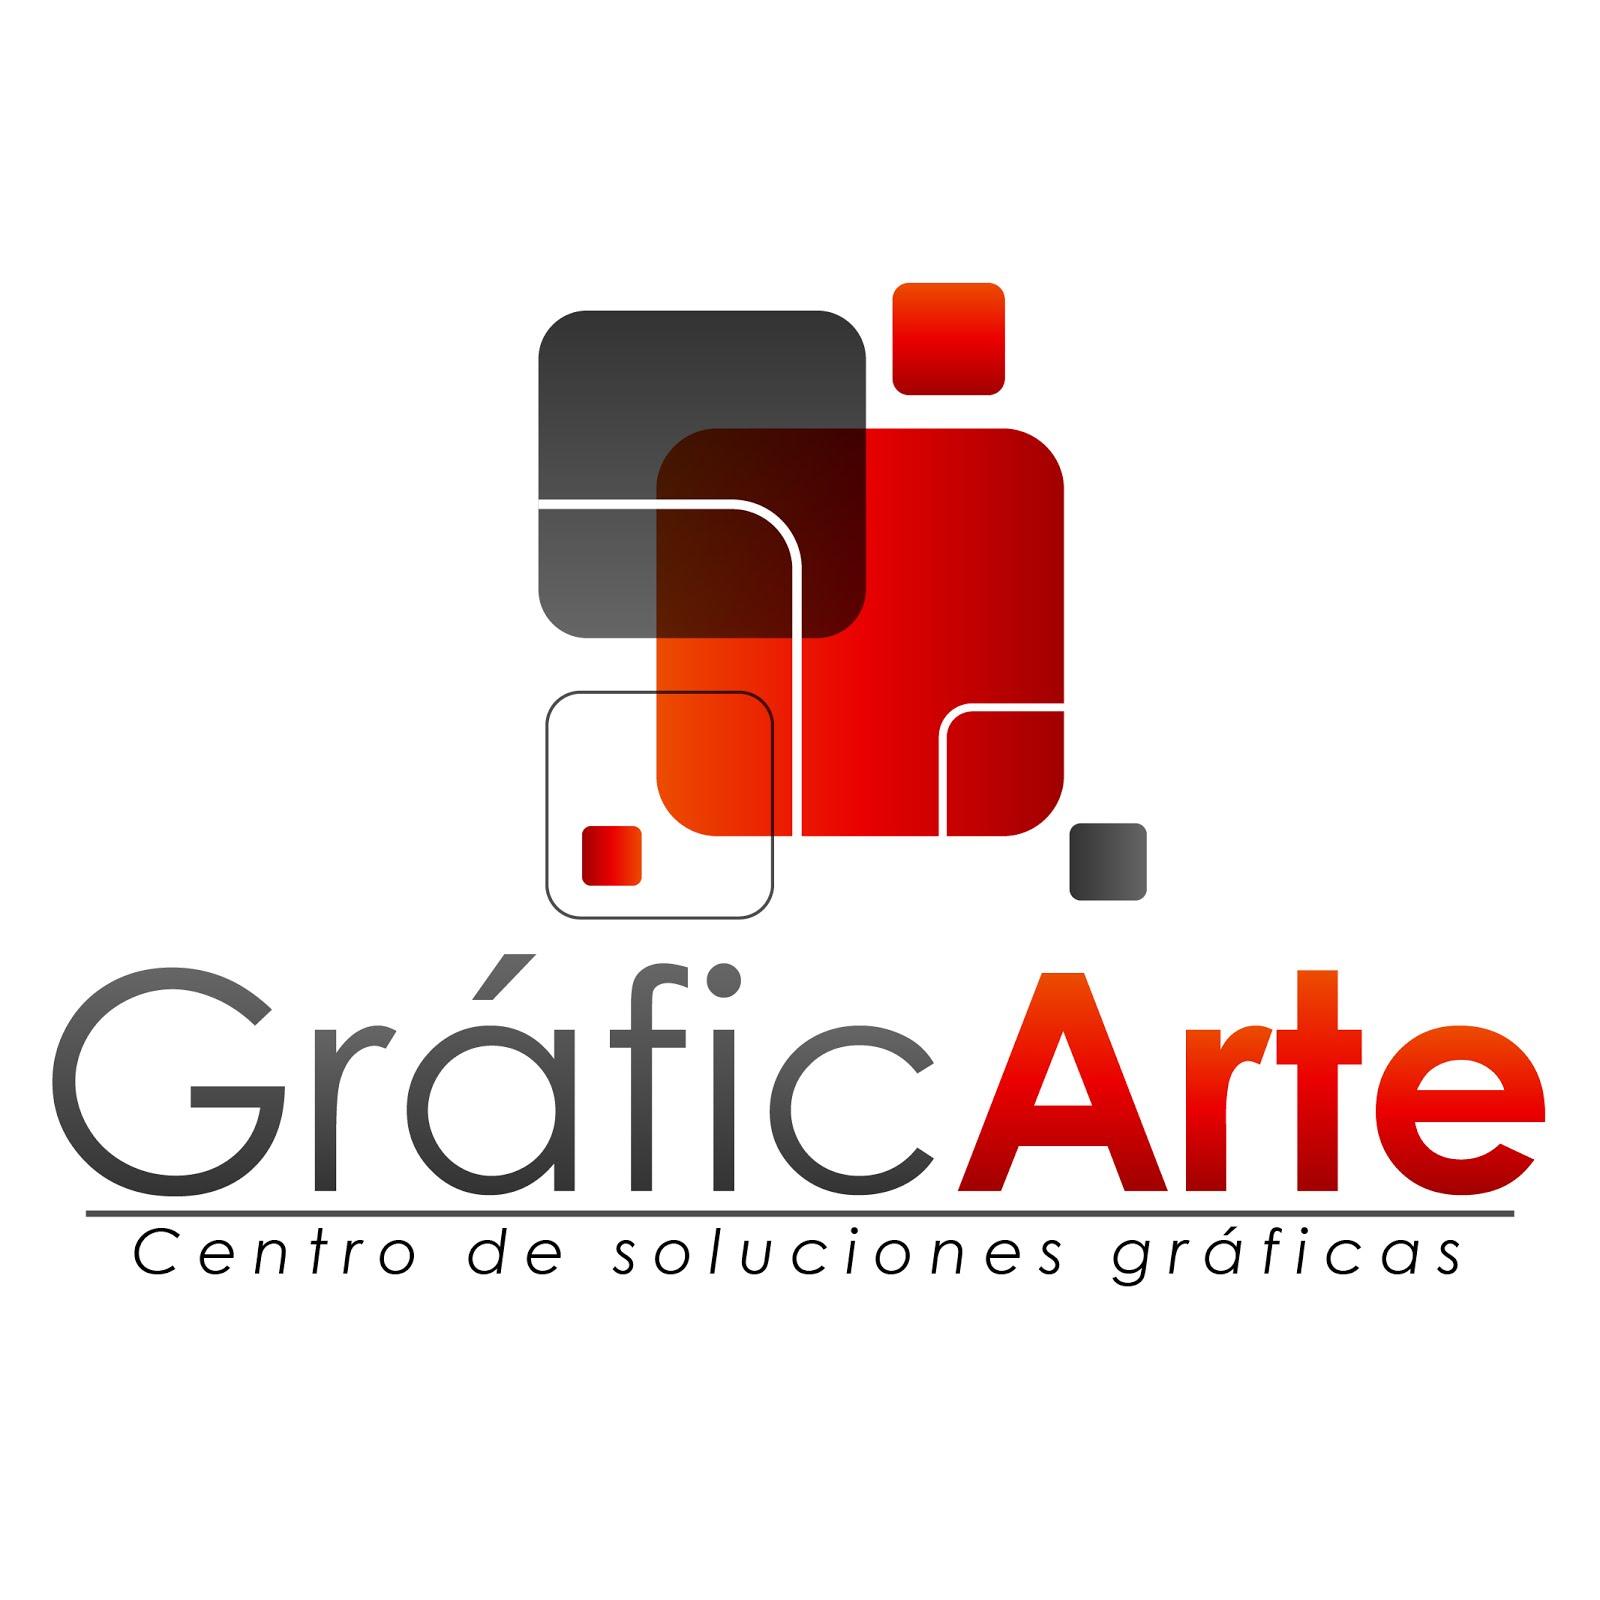 GRAFICARTE